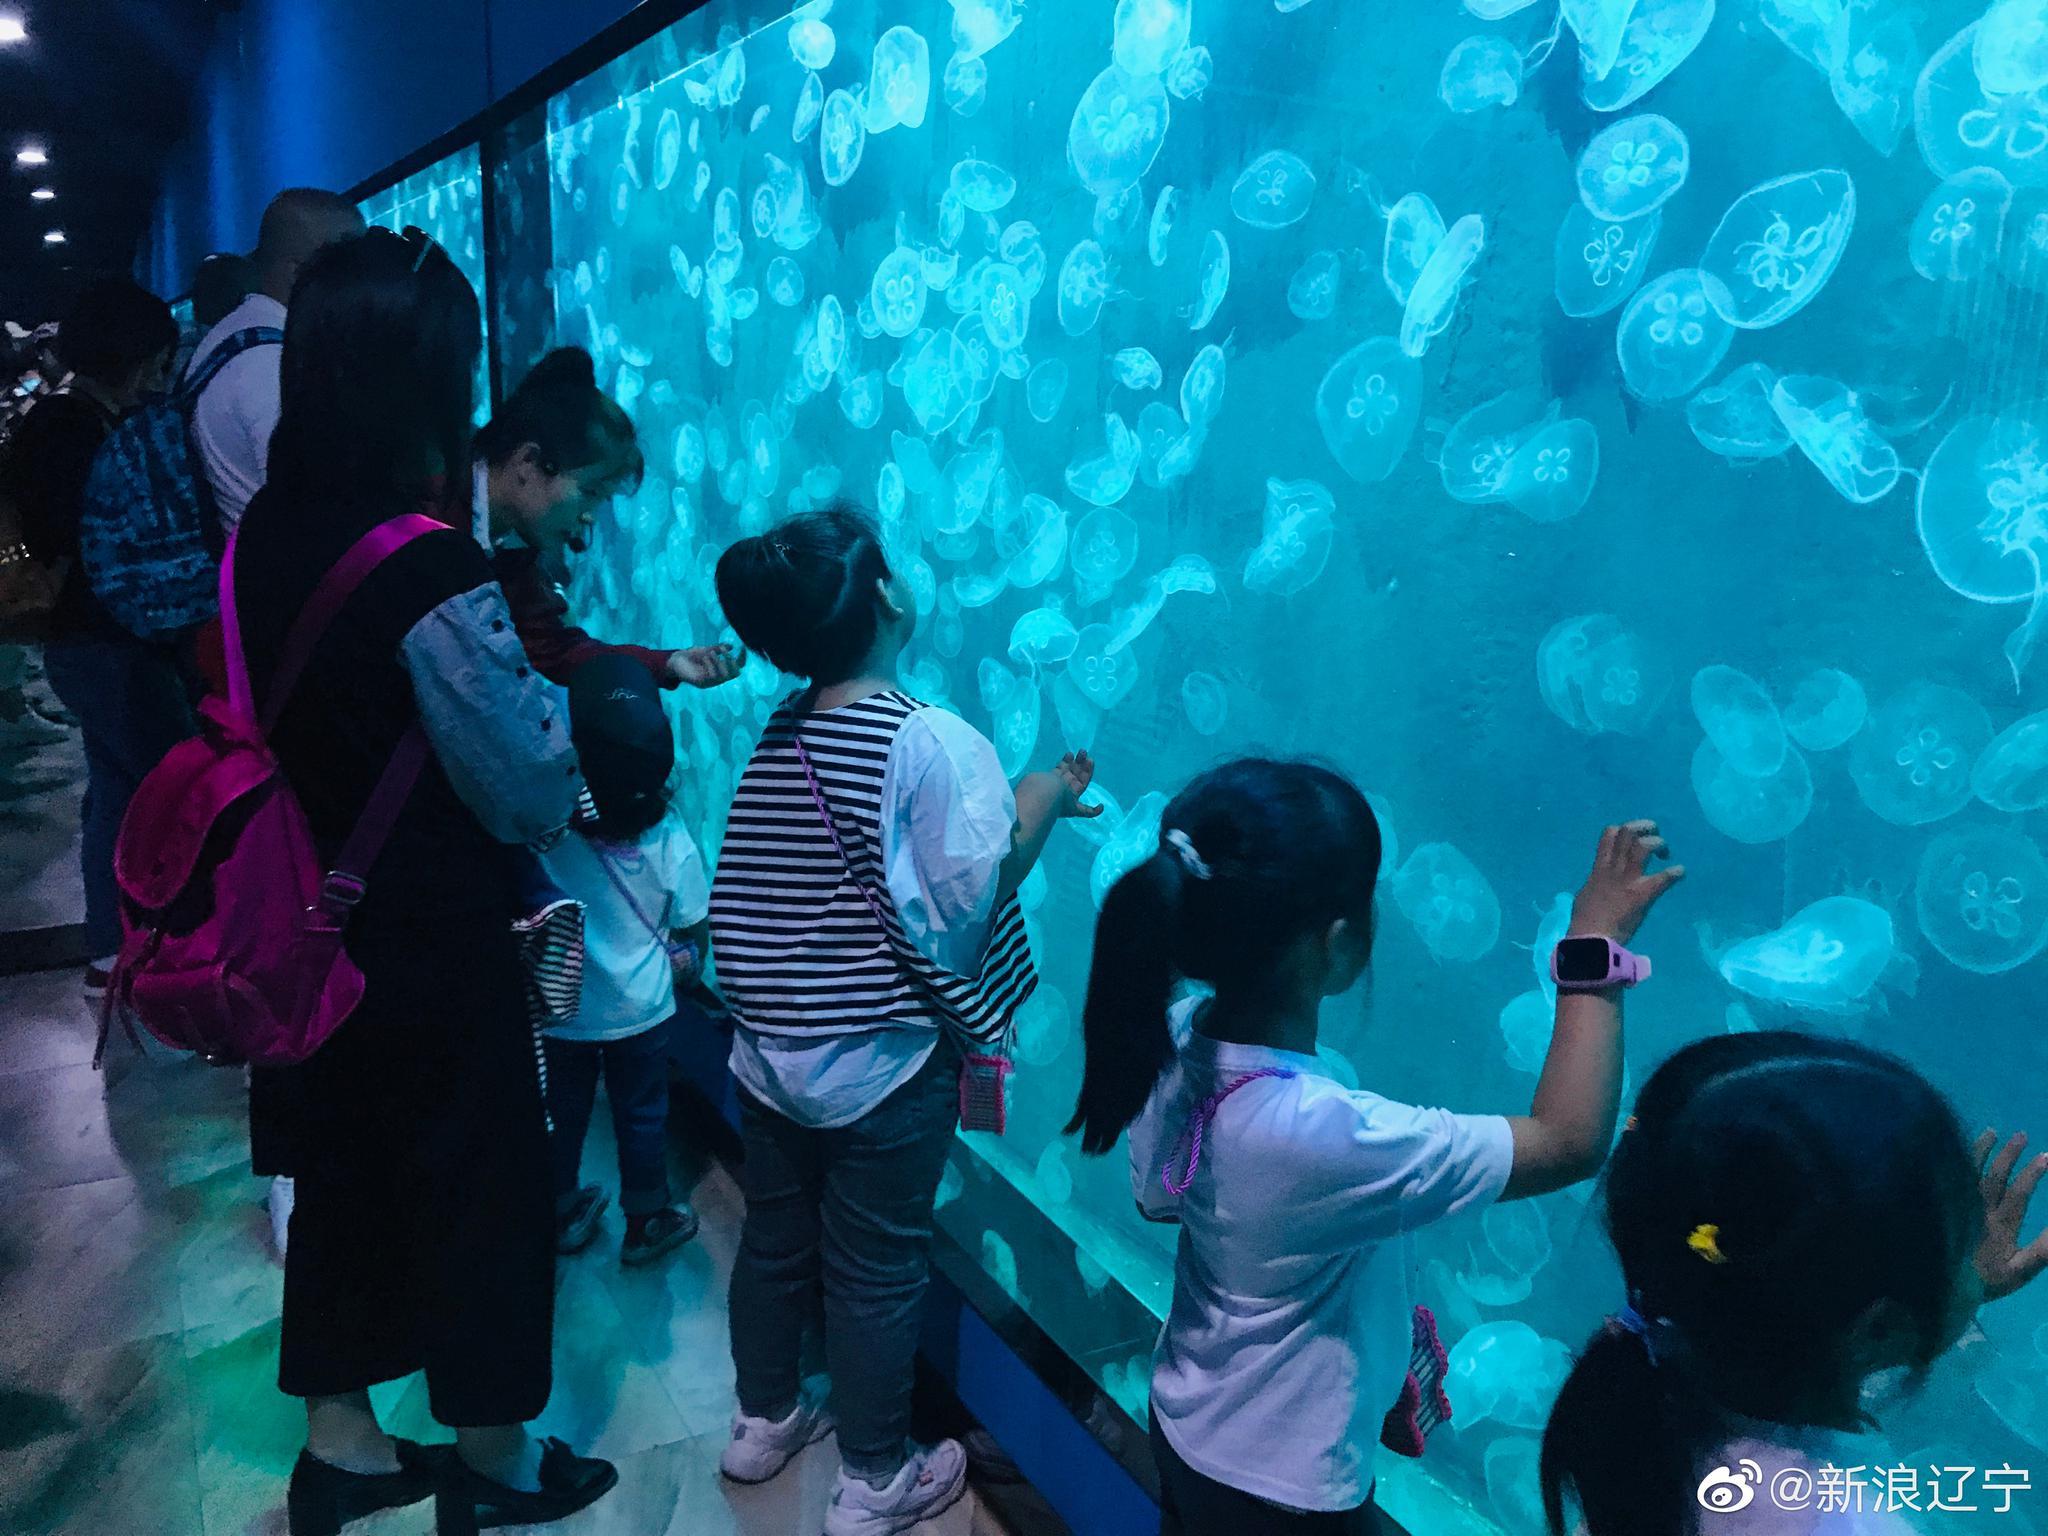 给大家推荐一个神奇浪漫的地方~盘锦@光合蟹业 的梦幻水母馆真的很美